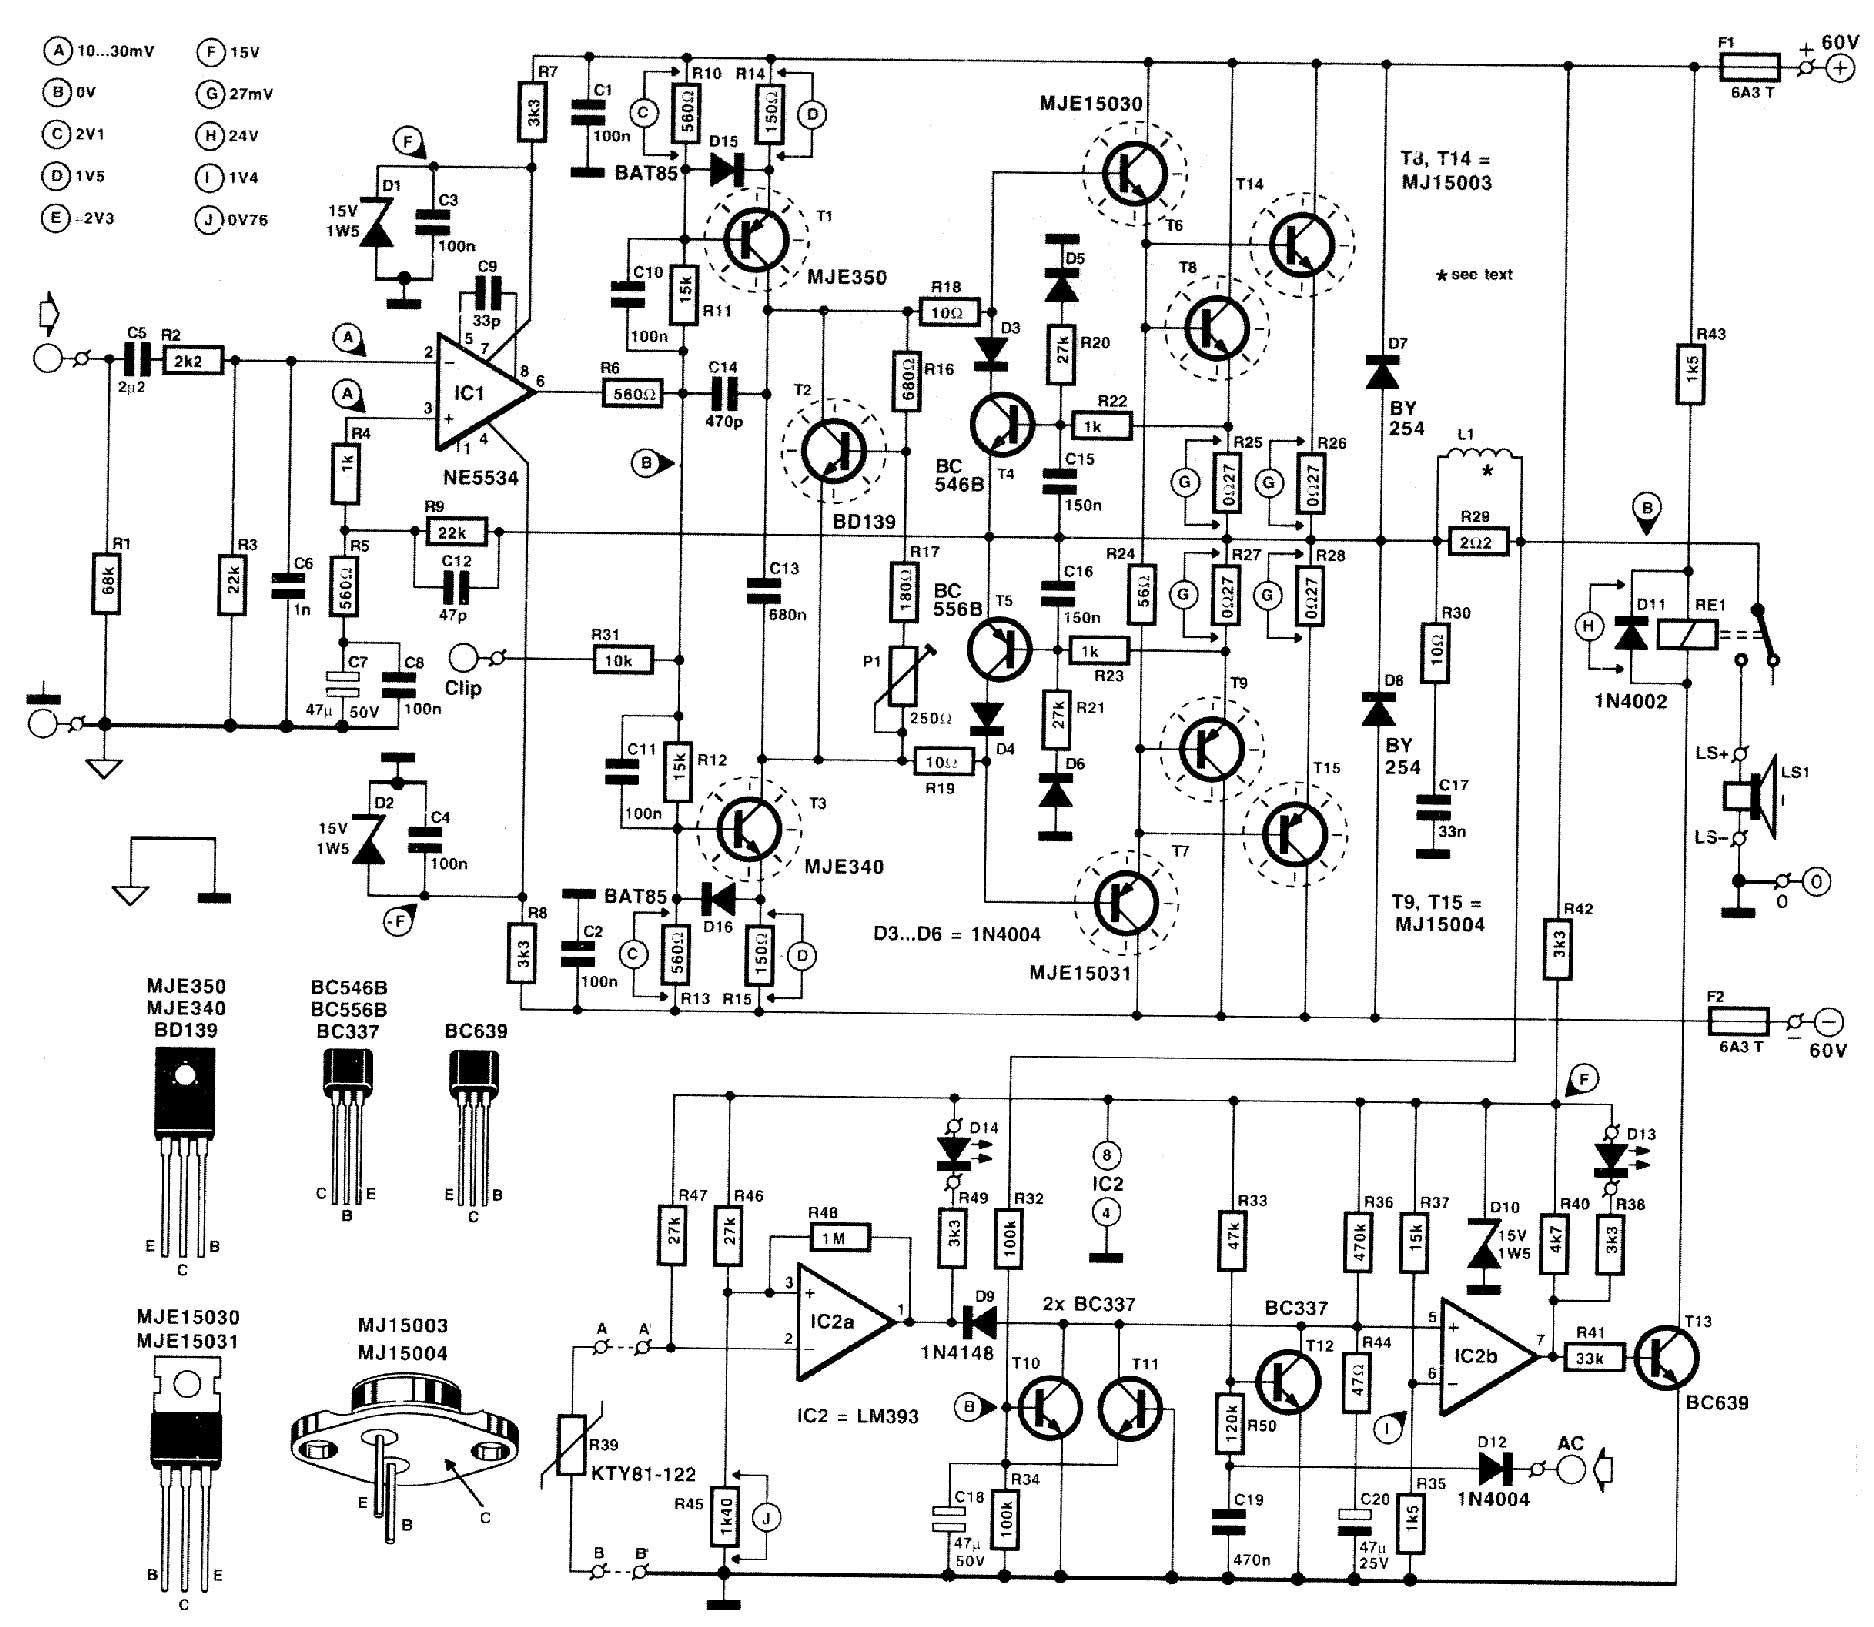 Microeduc Circuitos Eletronicos De Pre Amplificadores De